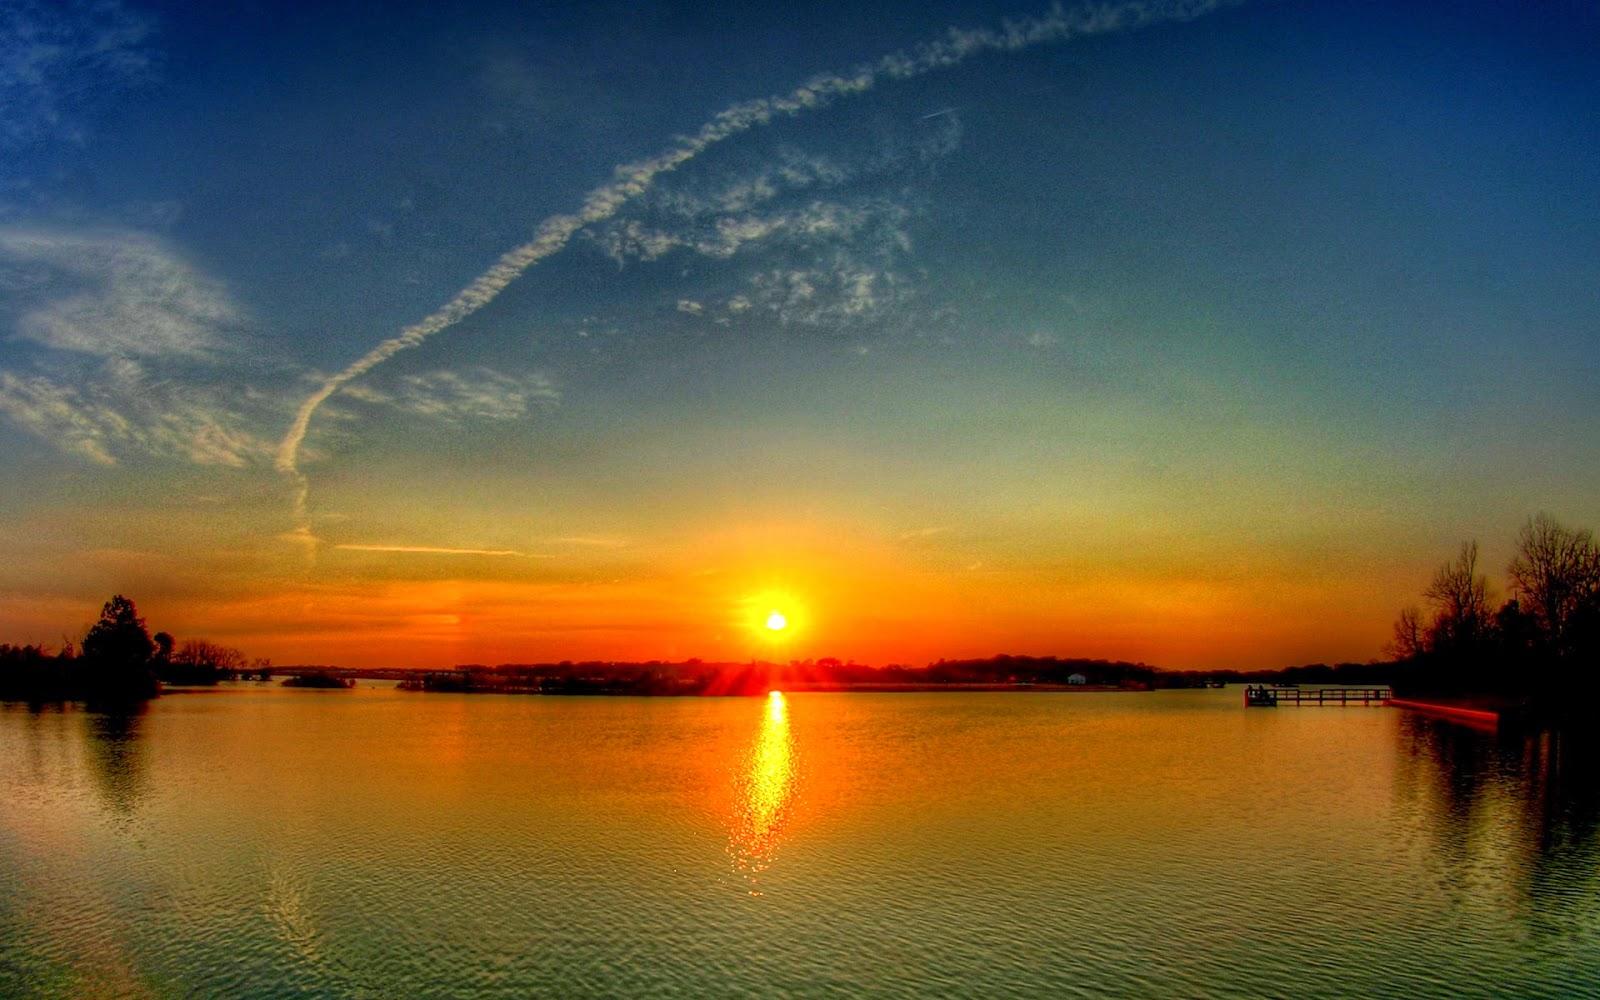 3d Fish Wallpaper Hd Pemandangan Senja Sunset Scenery Okt